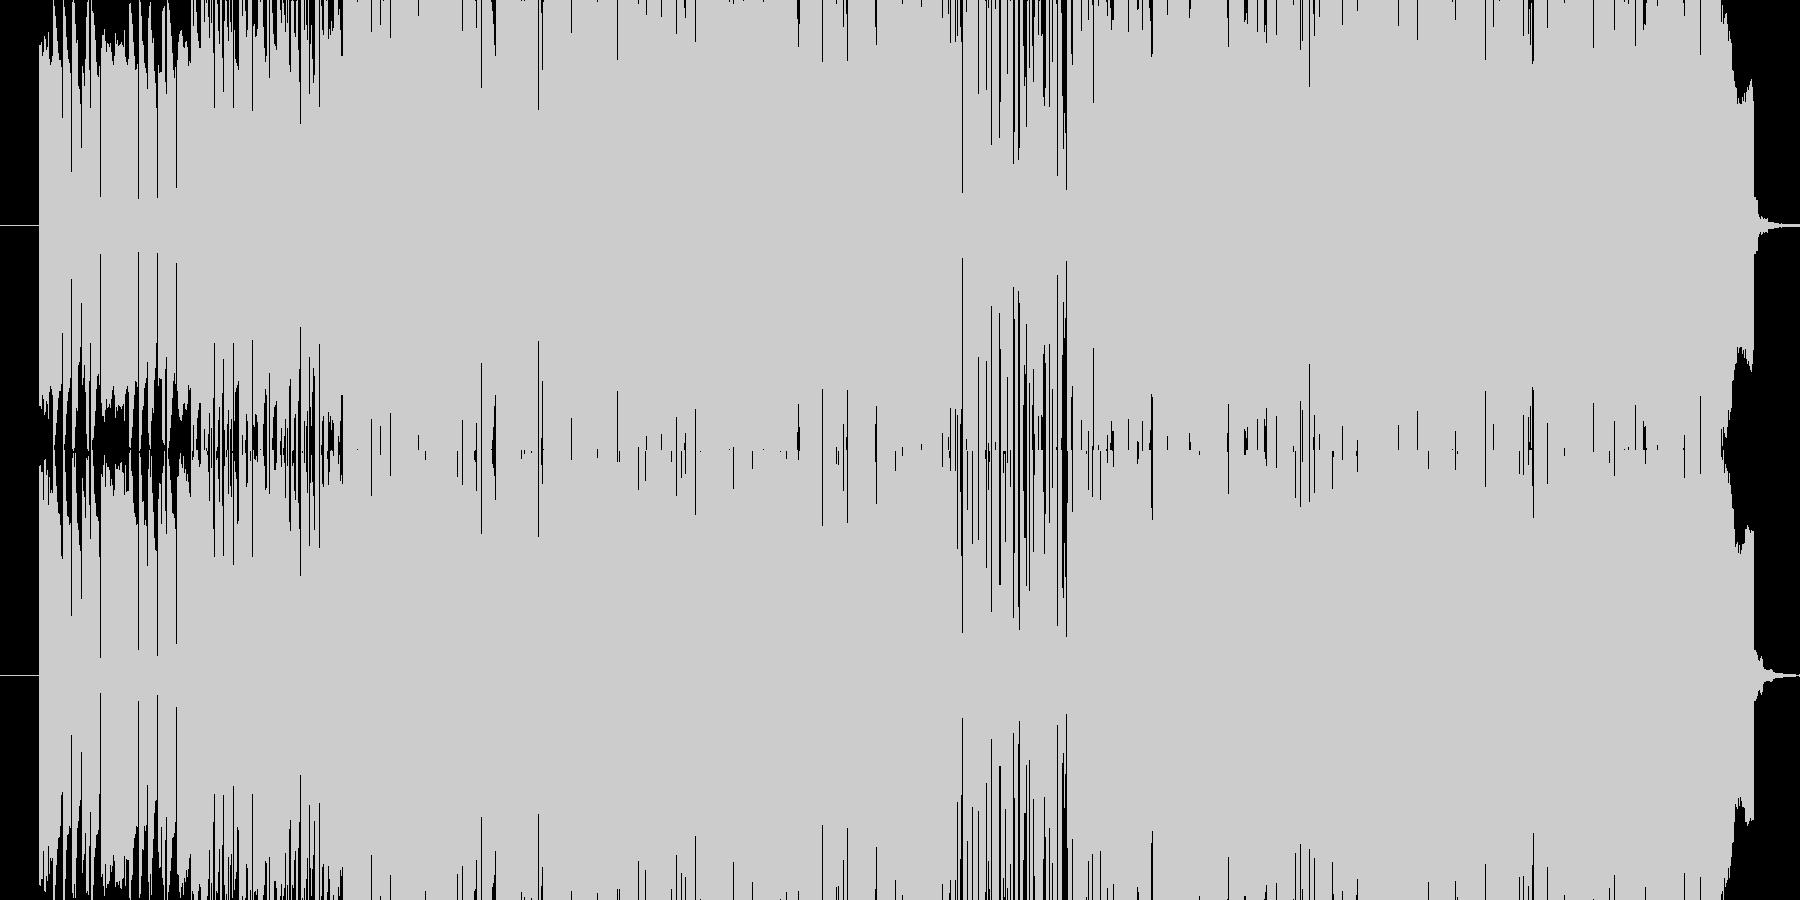 リズミカルなレゲエヴォーカルサウンドの未再生の波形